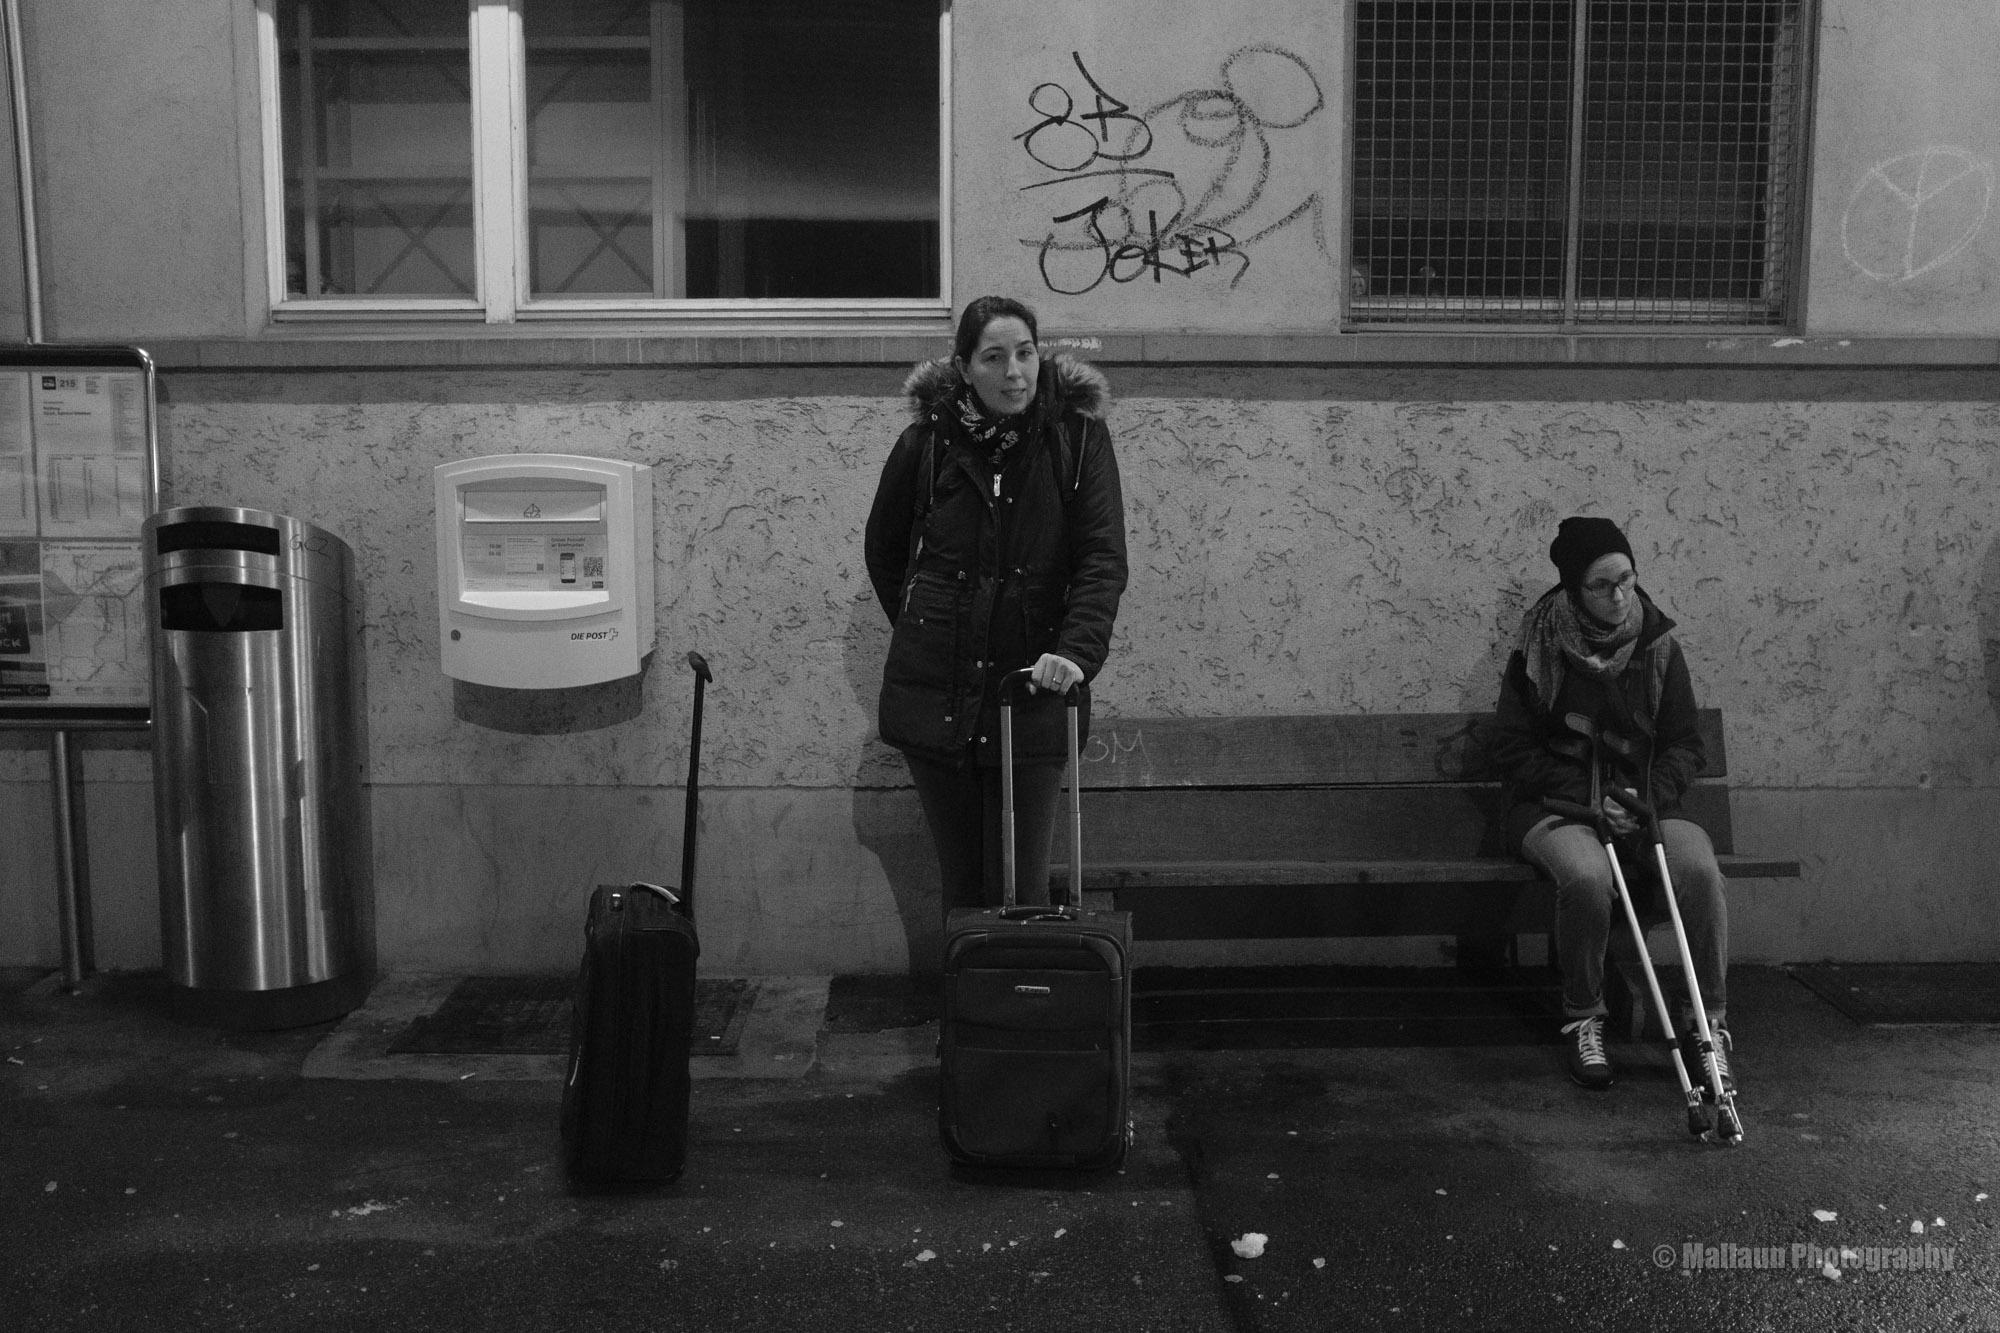 Morgens um 6 zum Flughafen © Mallaun Photography